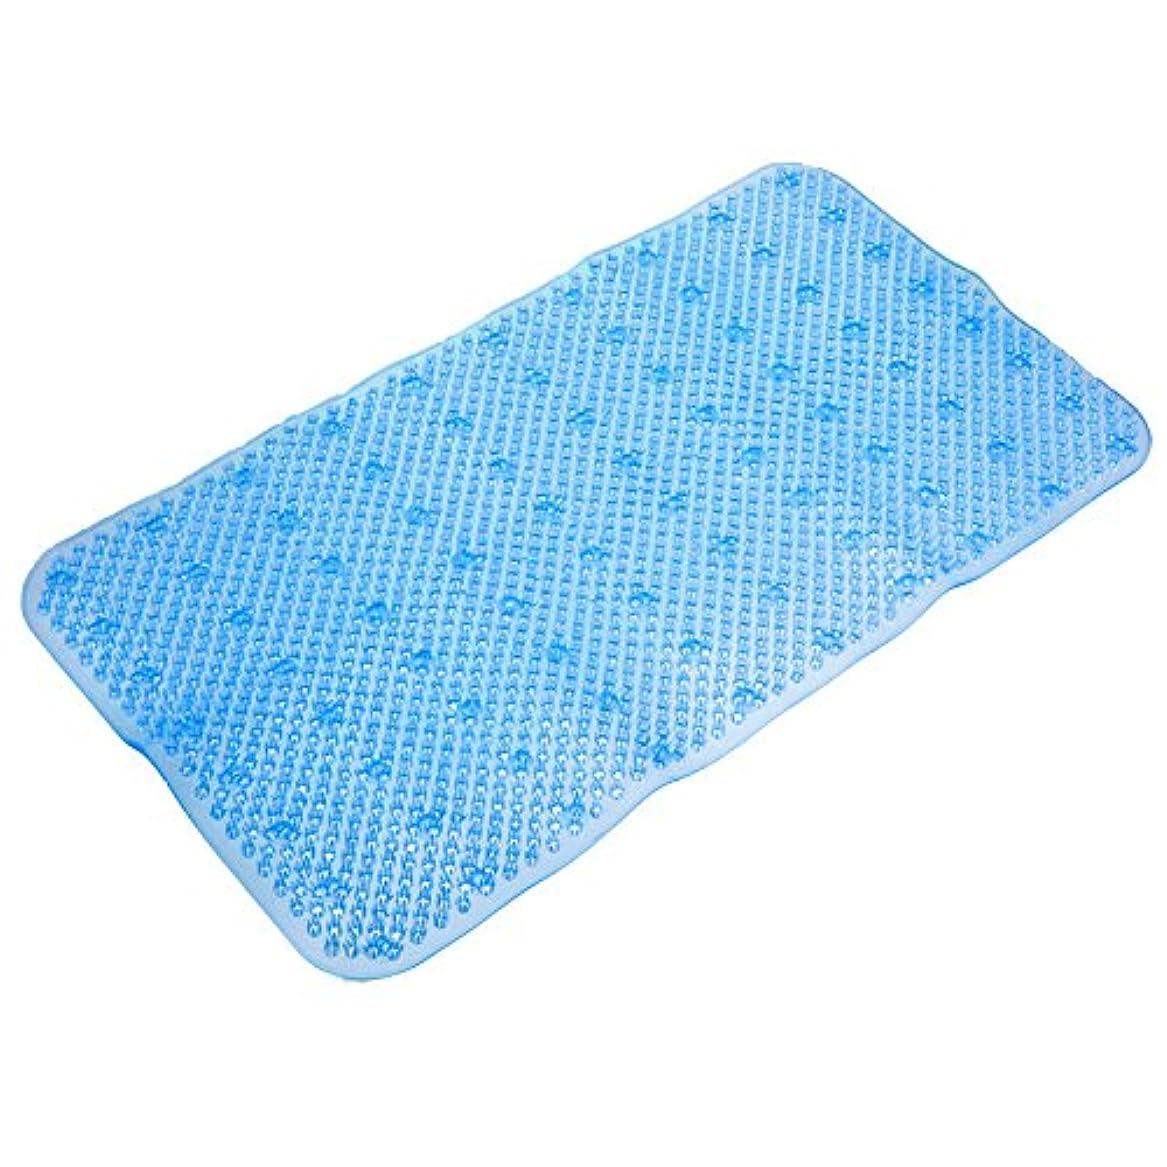 ジャケットスワップ推測する便利な pvc 34 × 64 センチ非スリップ風呂浴室シャワー トイレ アンチスリップフロアマット吸引吸盤パッド足マッサージ の敷物5色-青い